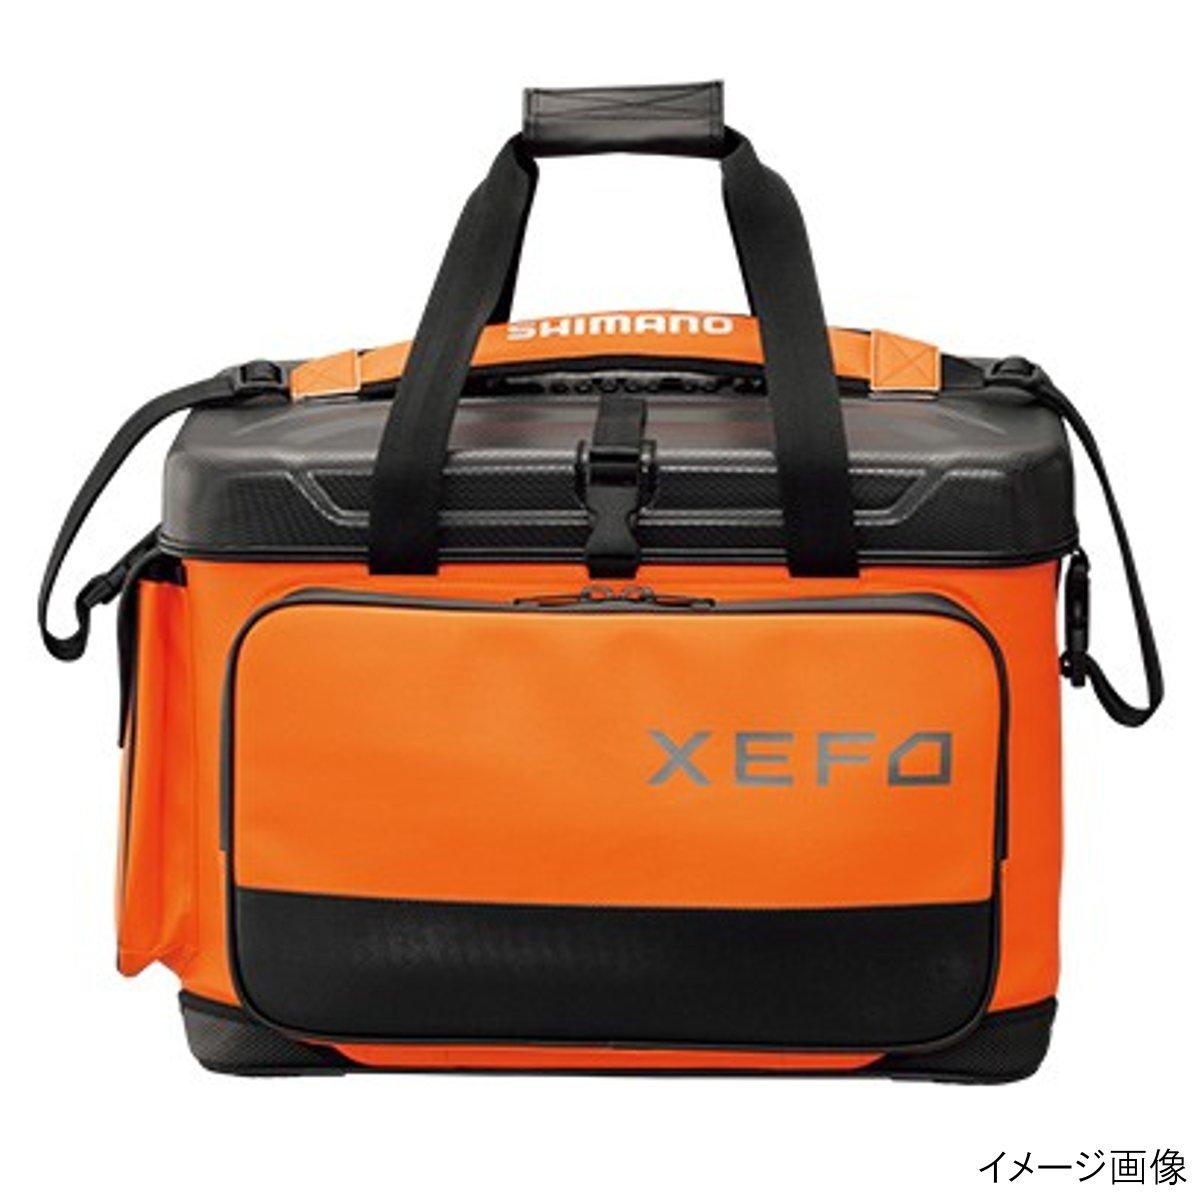 シマノ XEFO ロックトラバースバッグ BA-224Q 36L トラバースオレンジ